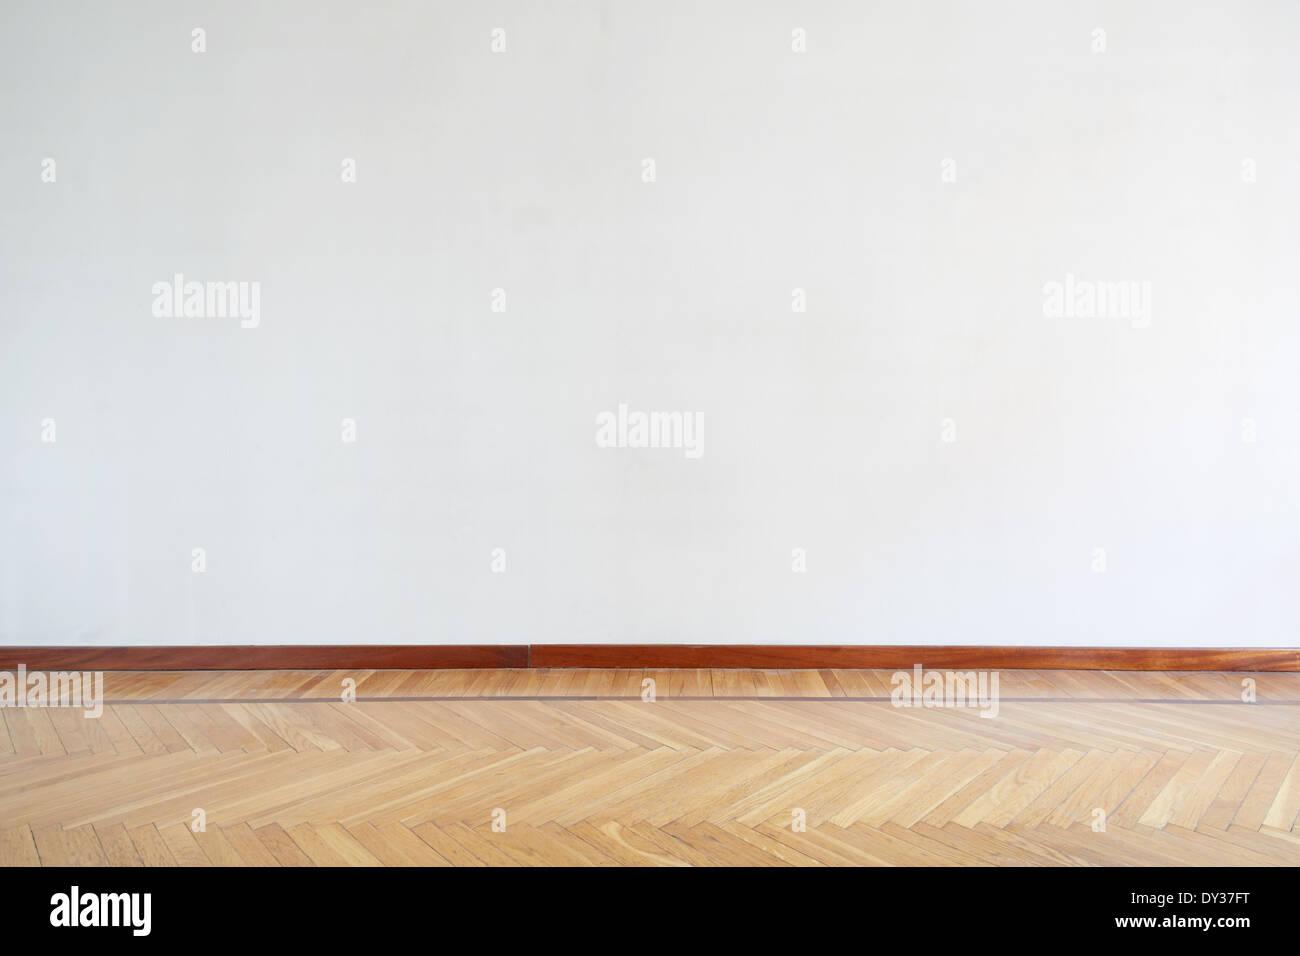 Empty room with wooden floor, parquet - Stock Image